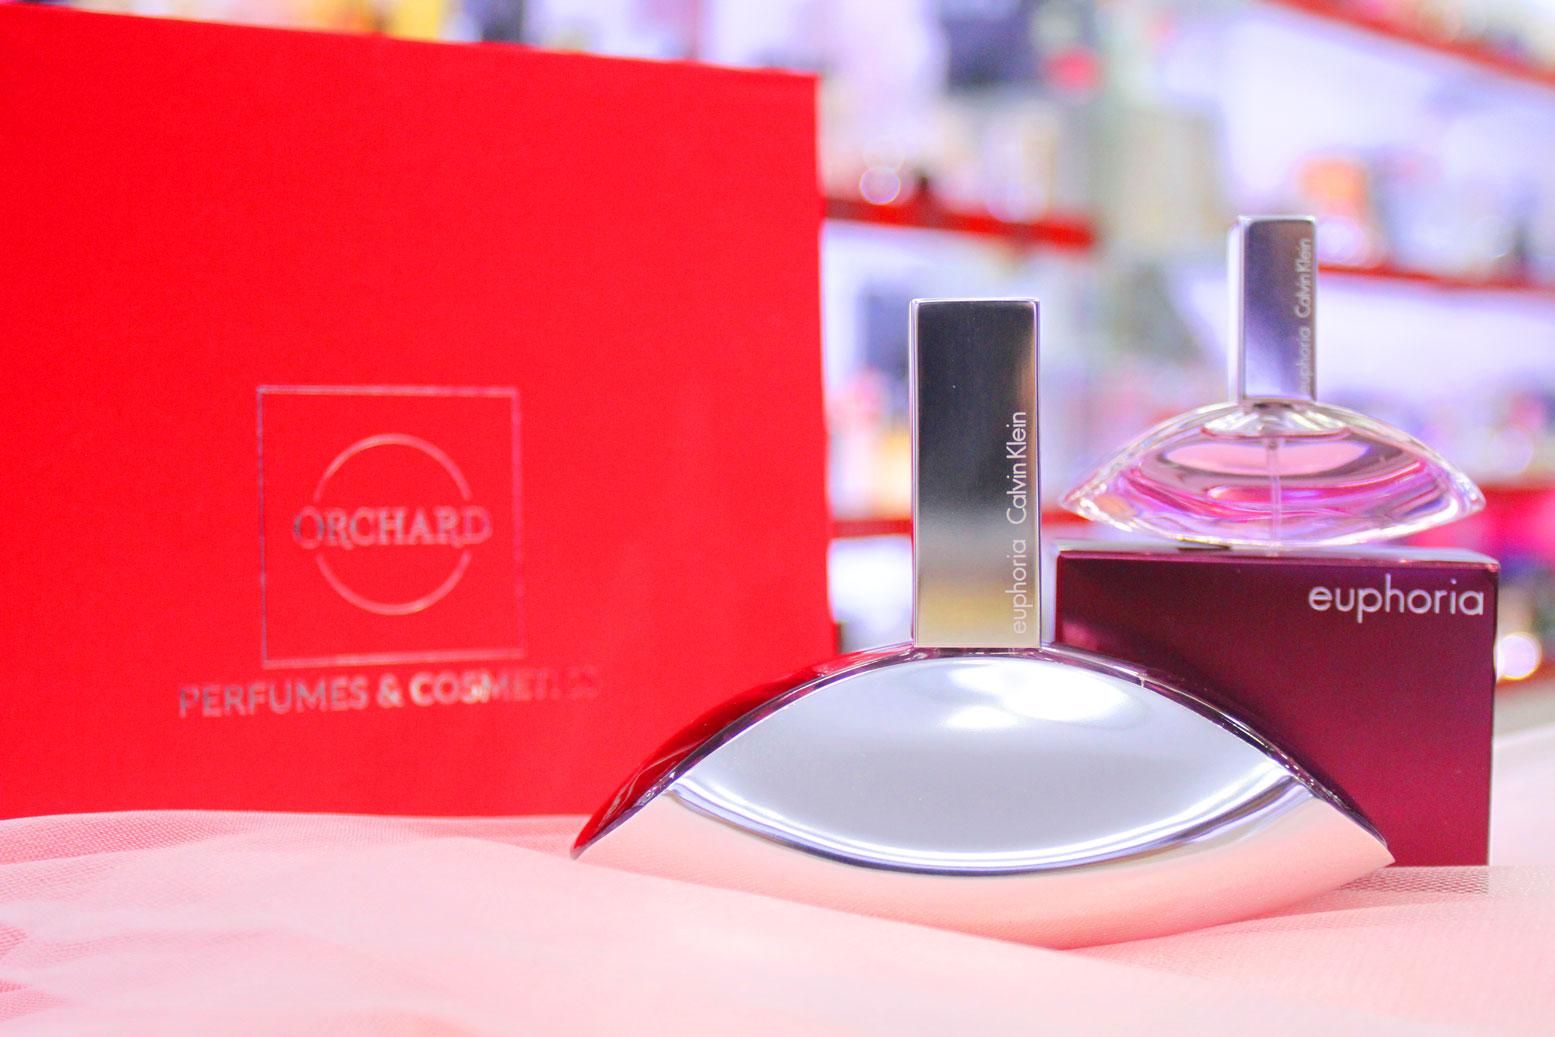 Những Mùi Hương Nước Hoa Calvin Klein Quyến Rũ Nhất Cho Nữ